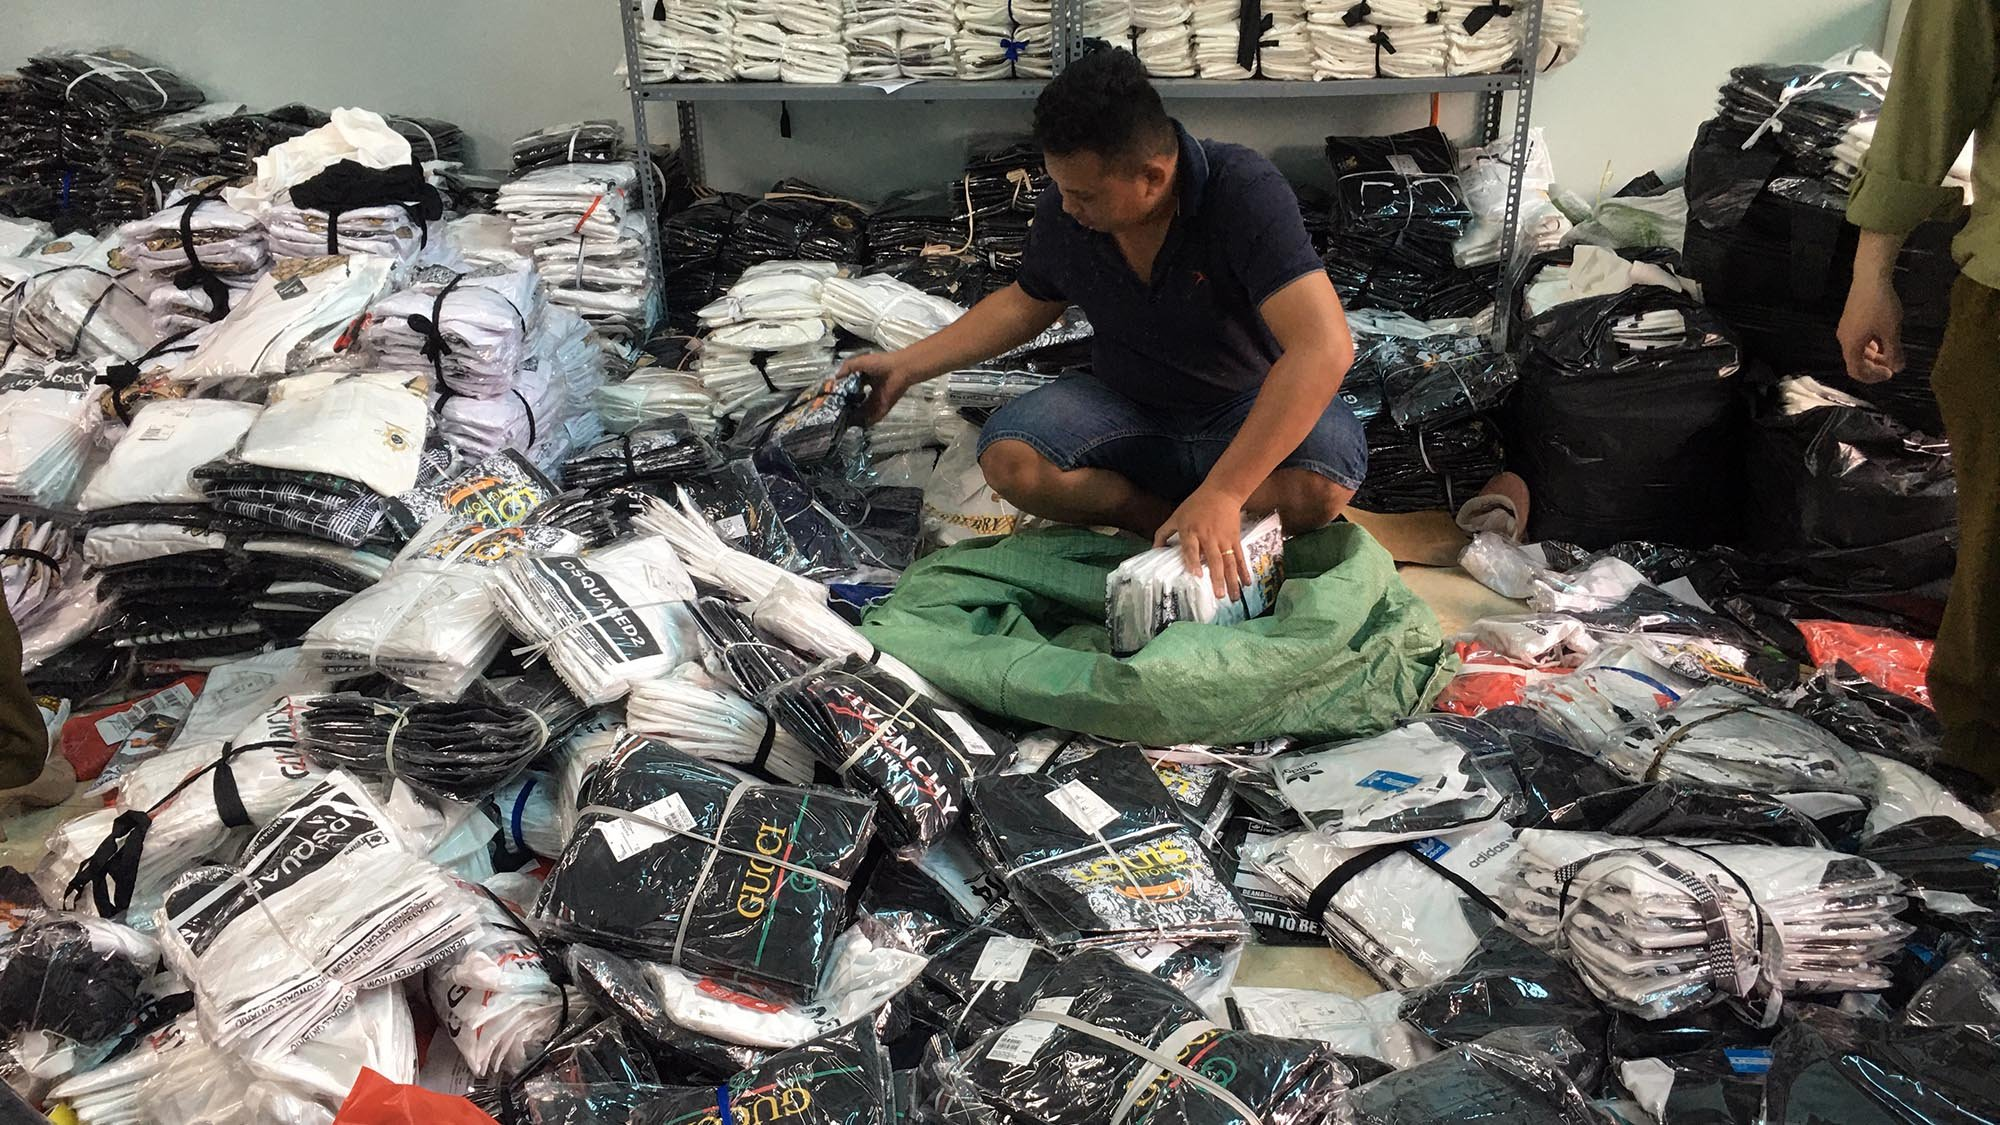 Phát hiện kho chứa hàng ngàn sản phẩm LV, Gucci, Nike giả